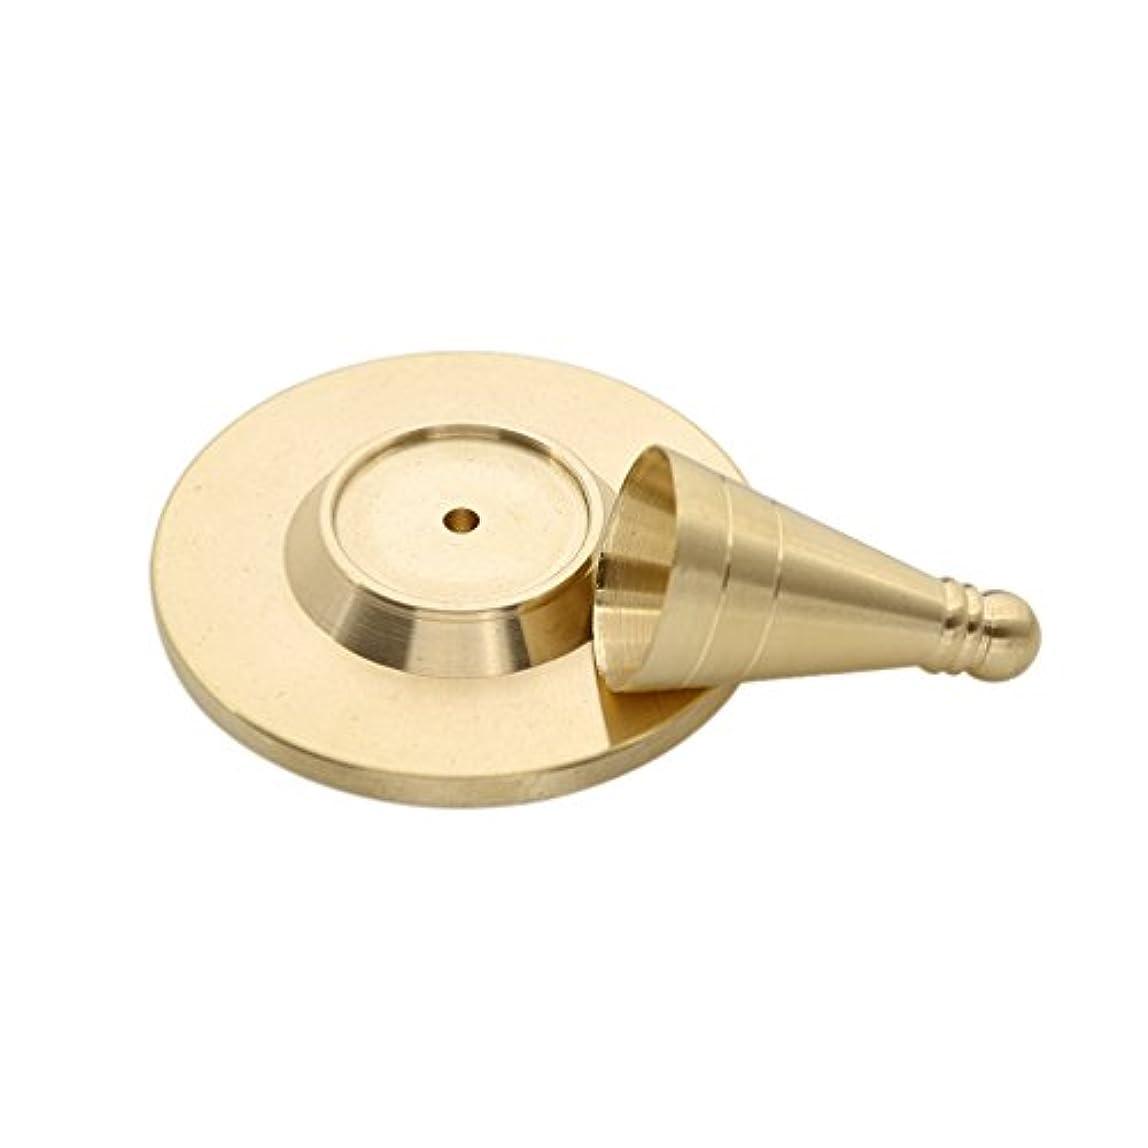 偽戦争干ばつ(ライチ) Lychee 手作り お香 DIY用 ツール インセンス コーンタイプ 円錐 モールド 自家製 高さ3.5cm